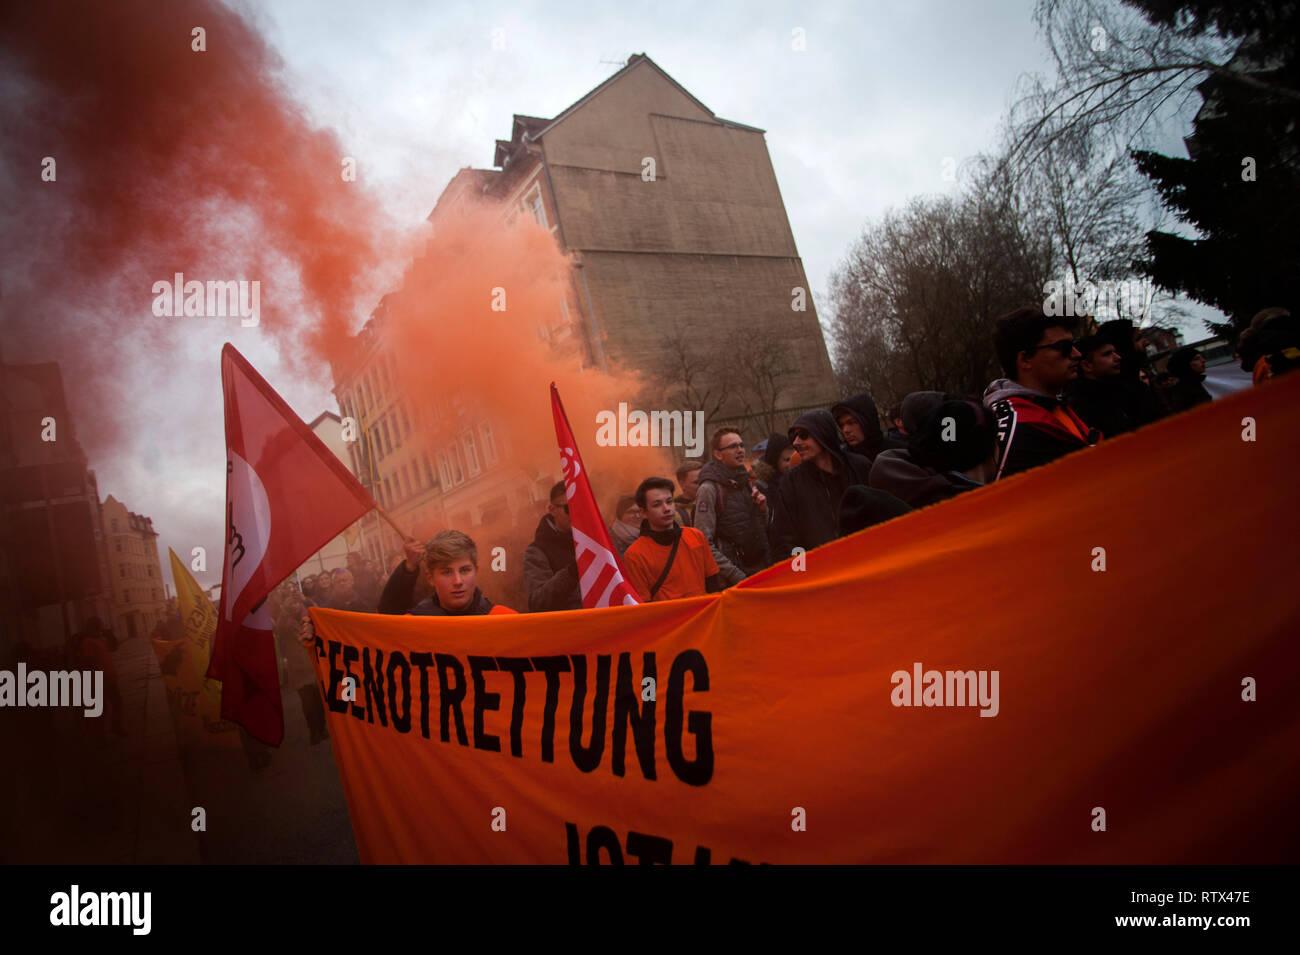 Bloc d'Orange contre le racisme et la lutte contre le fascisme mars à Chemnitz, Saxe, Allemagne. Photo Stock